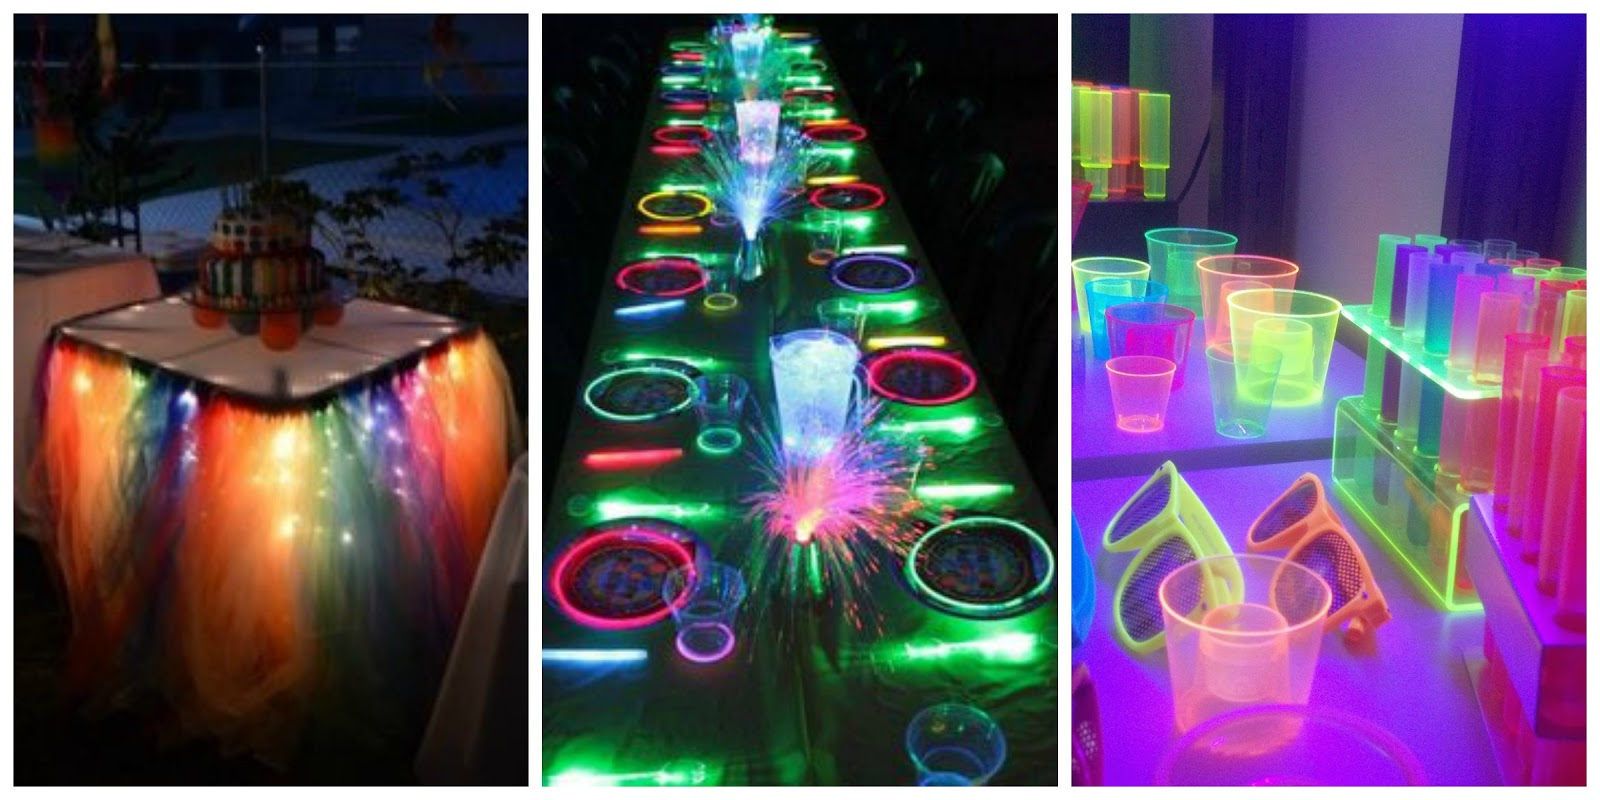 Neon Party Ideas Para La Decoracion Outfit Y Accesorios Artes